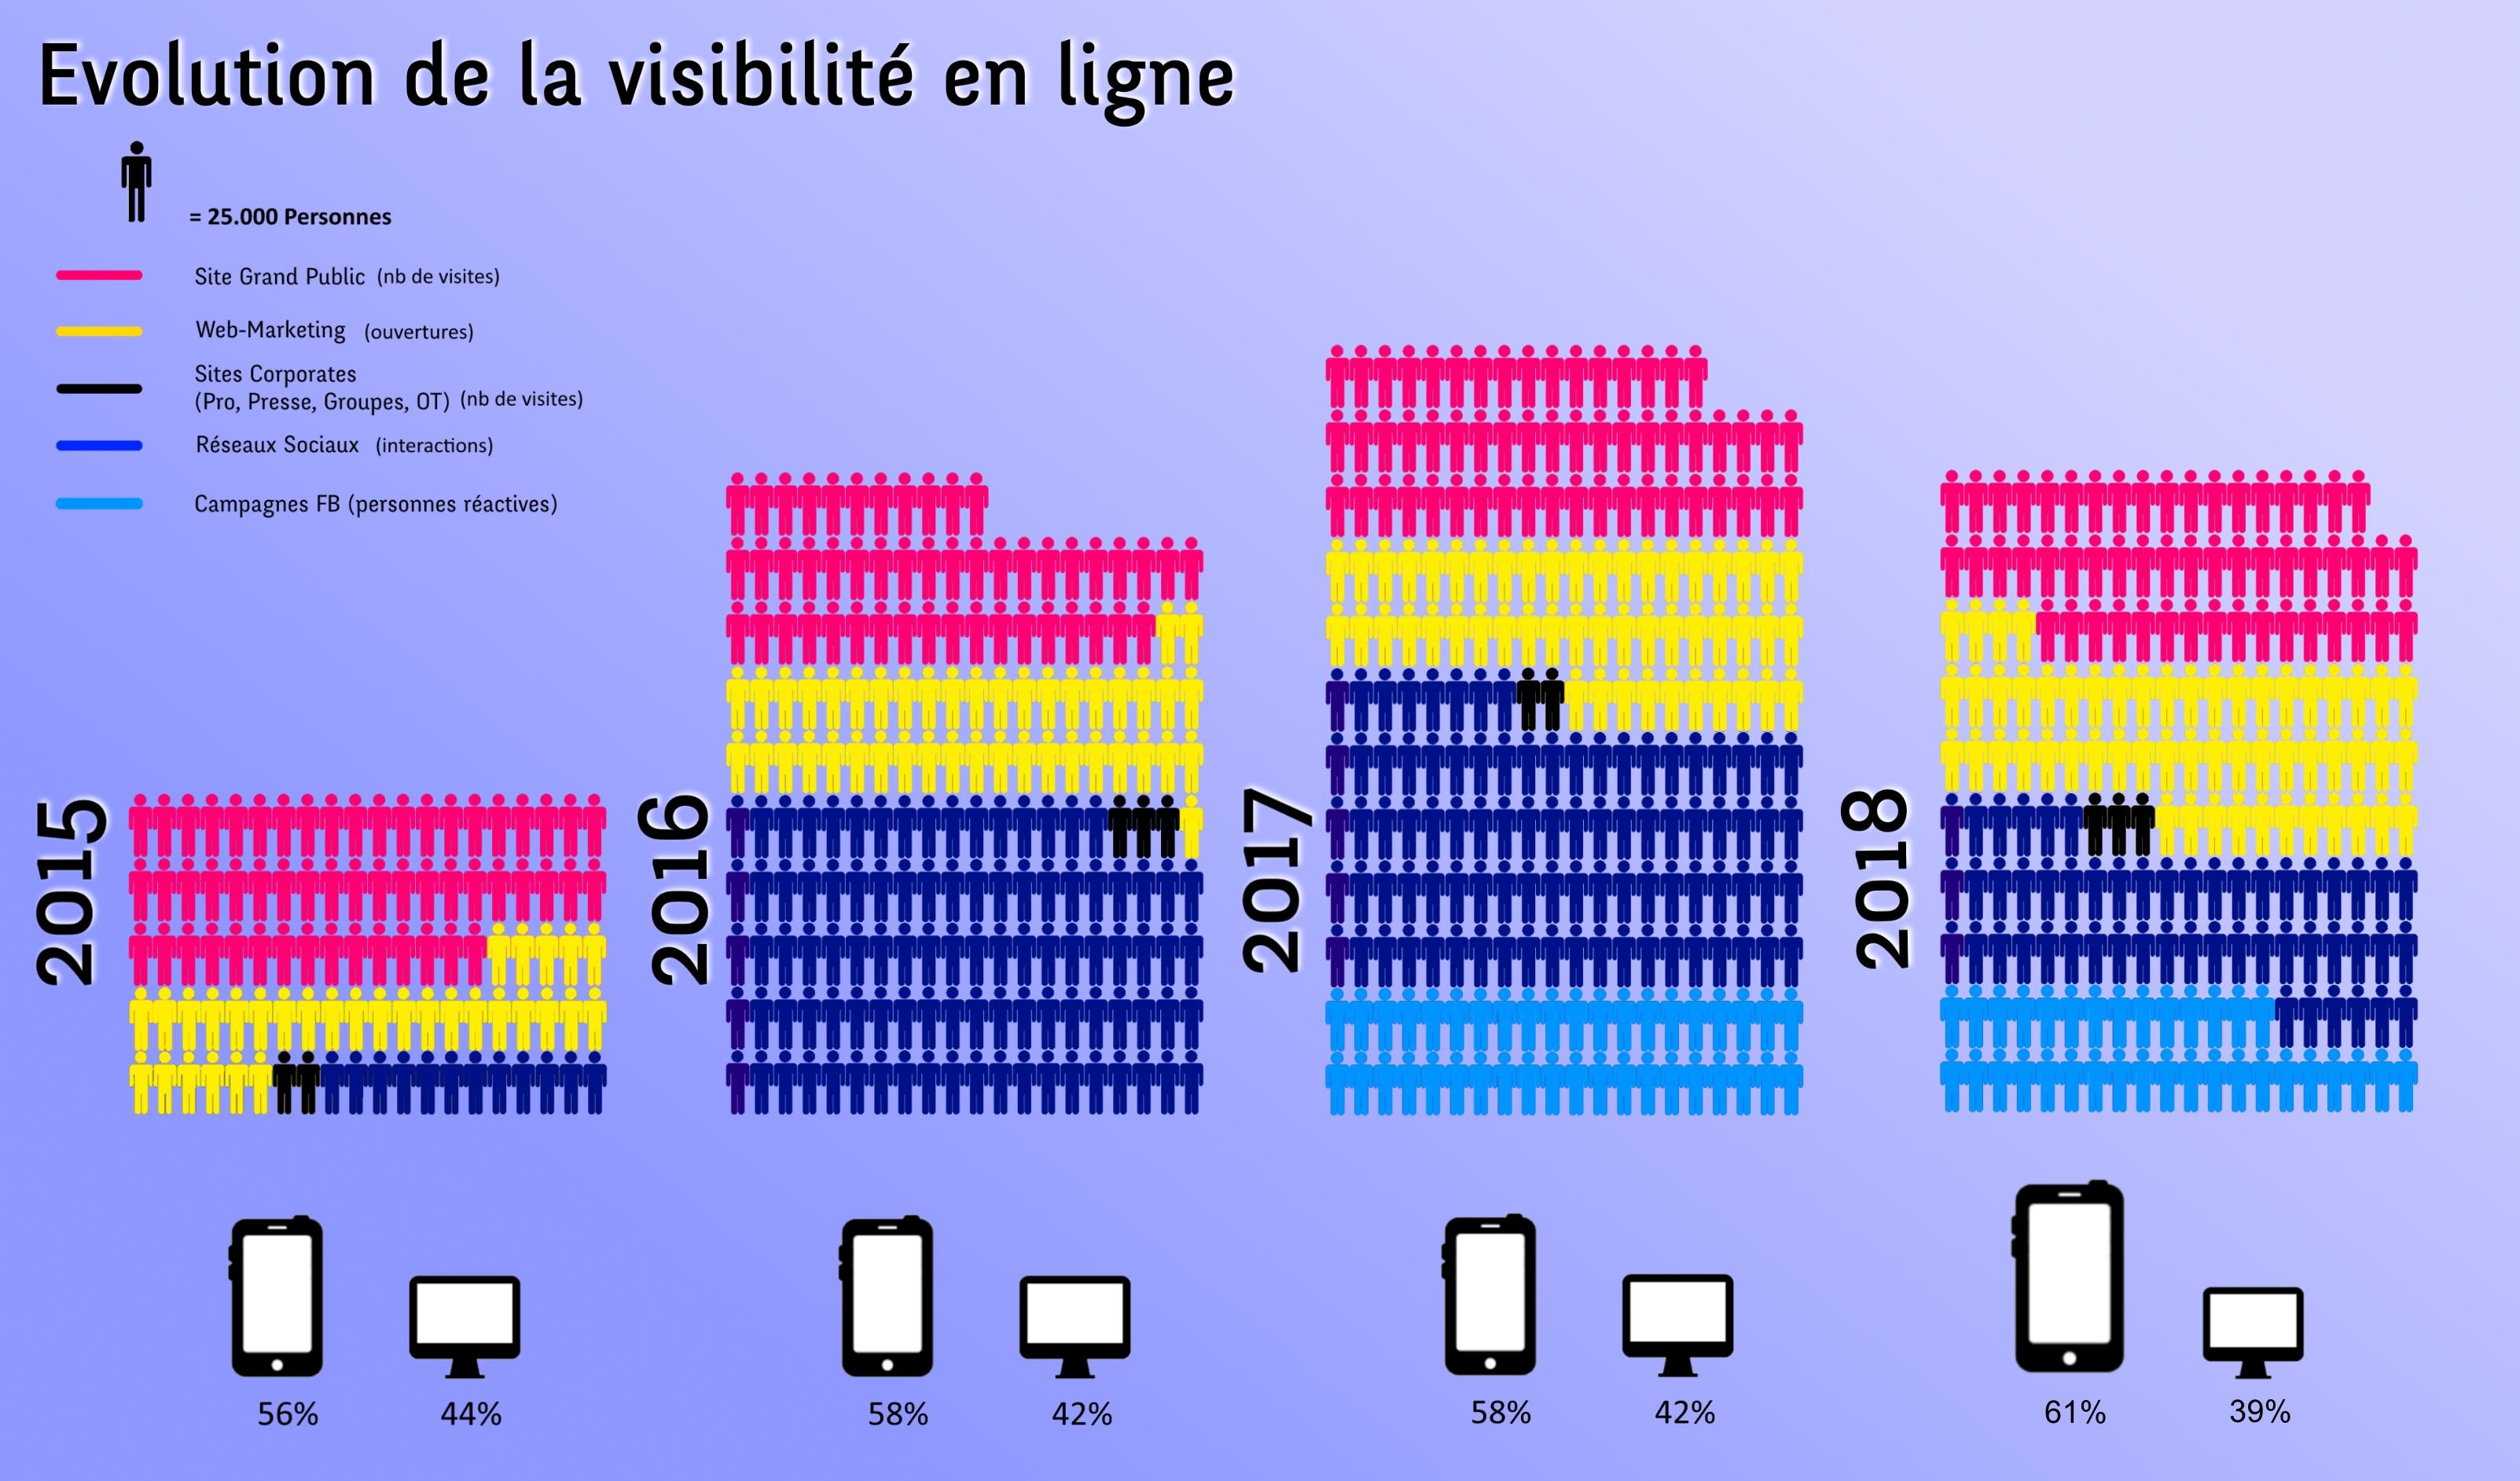 Evolution de la  Visibilité en ligne 2015-2018.jpg